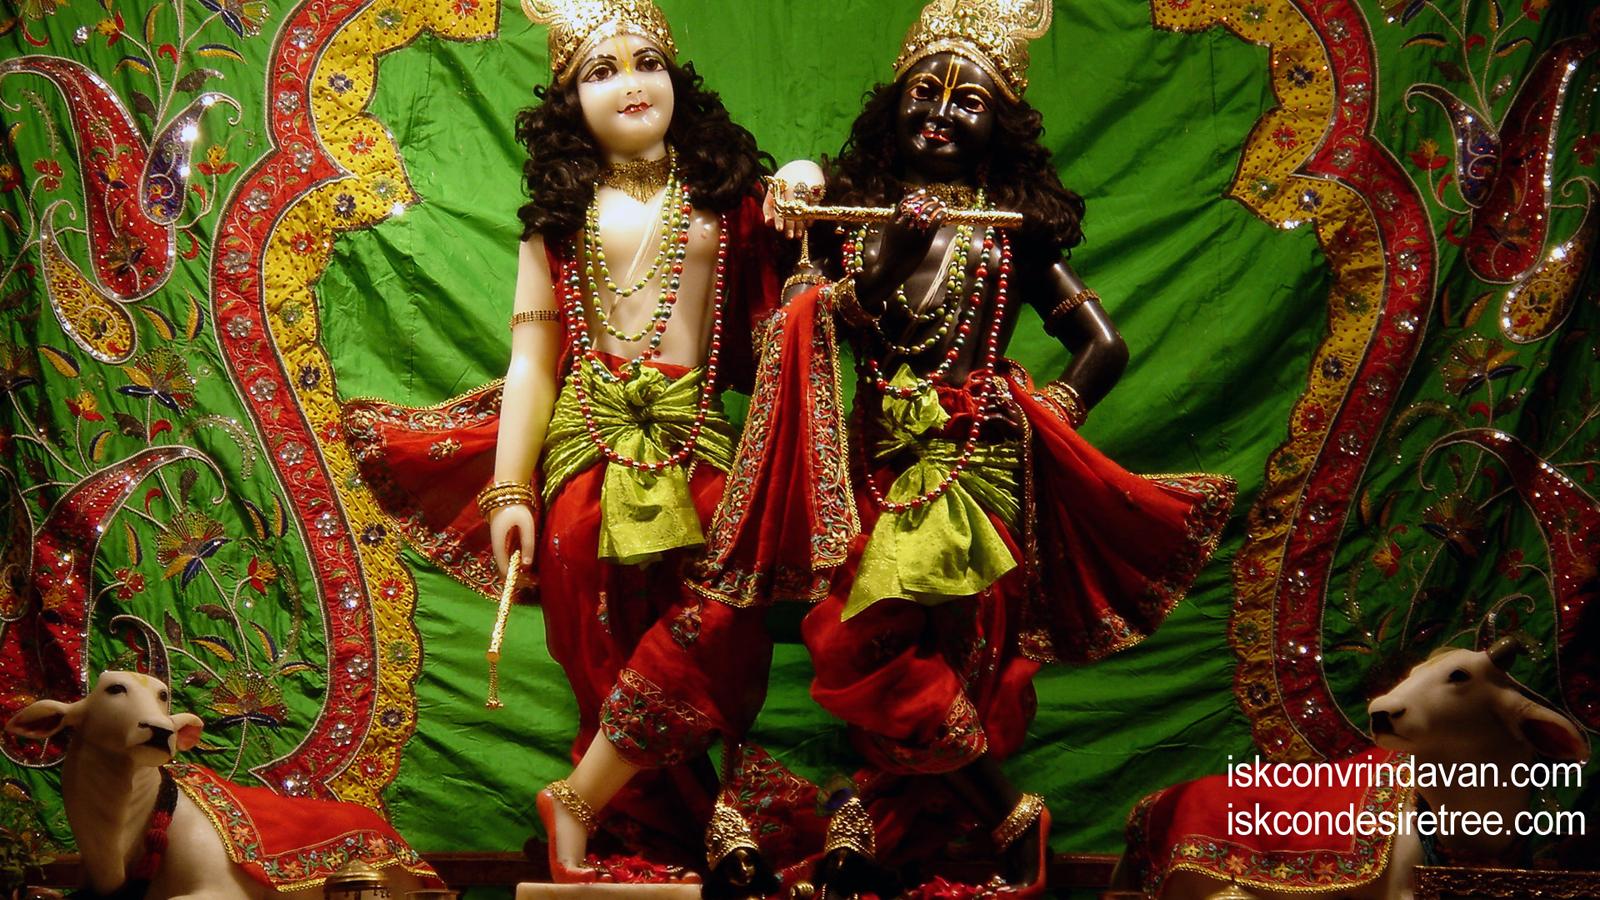 Sri Sri Krishna Balaram Wallpaper (066) Size 1600x900 Download